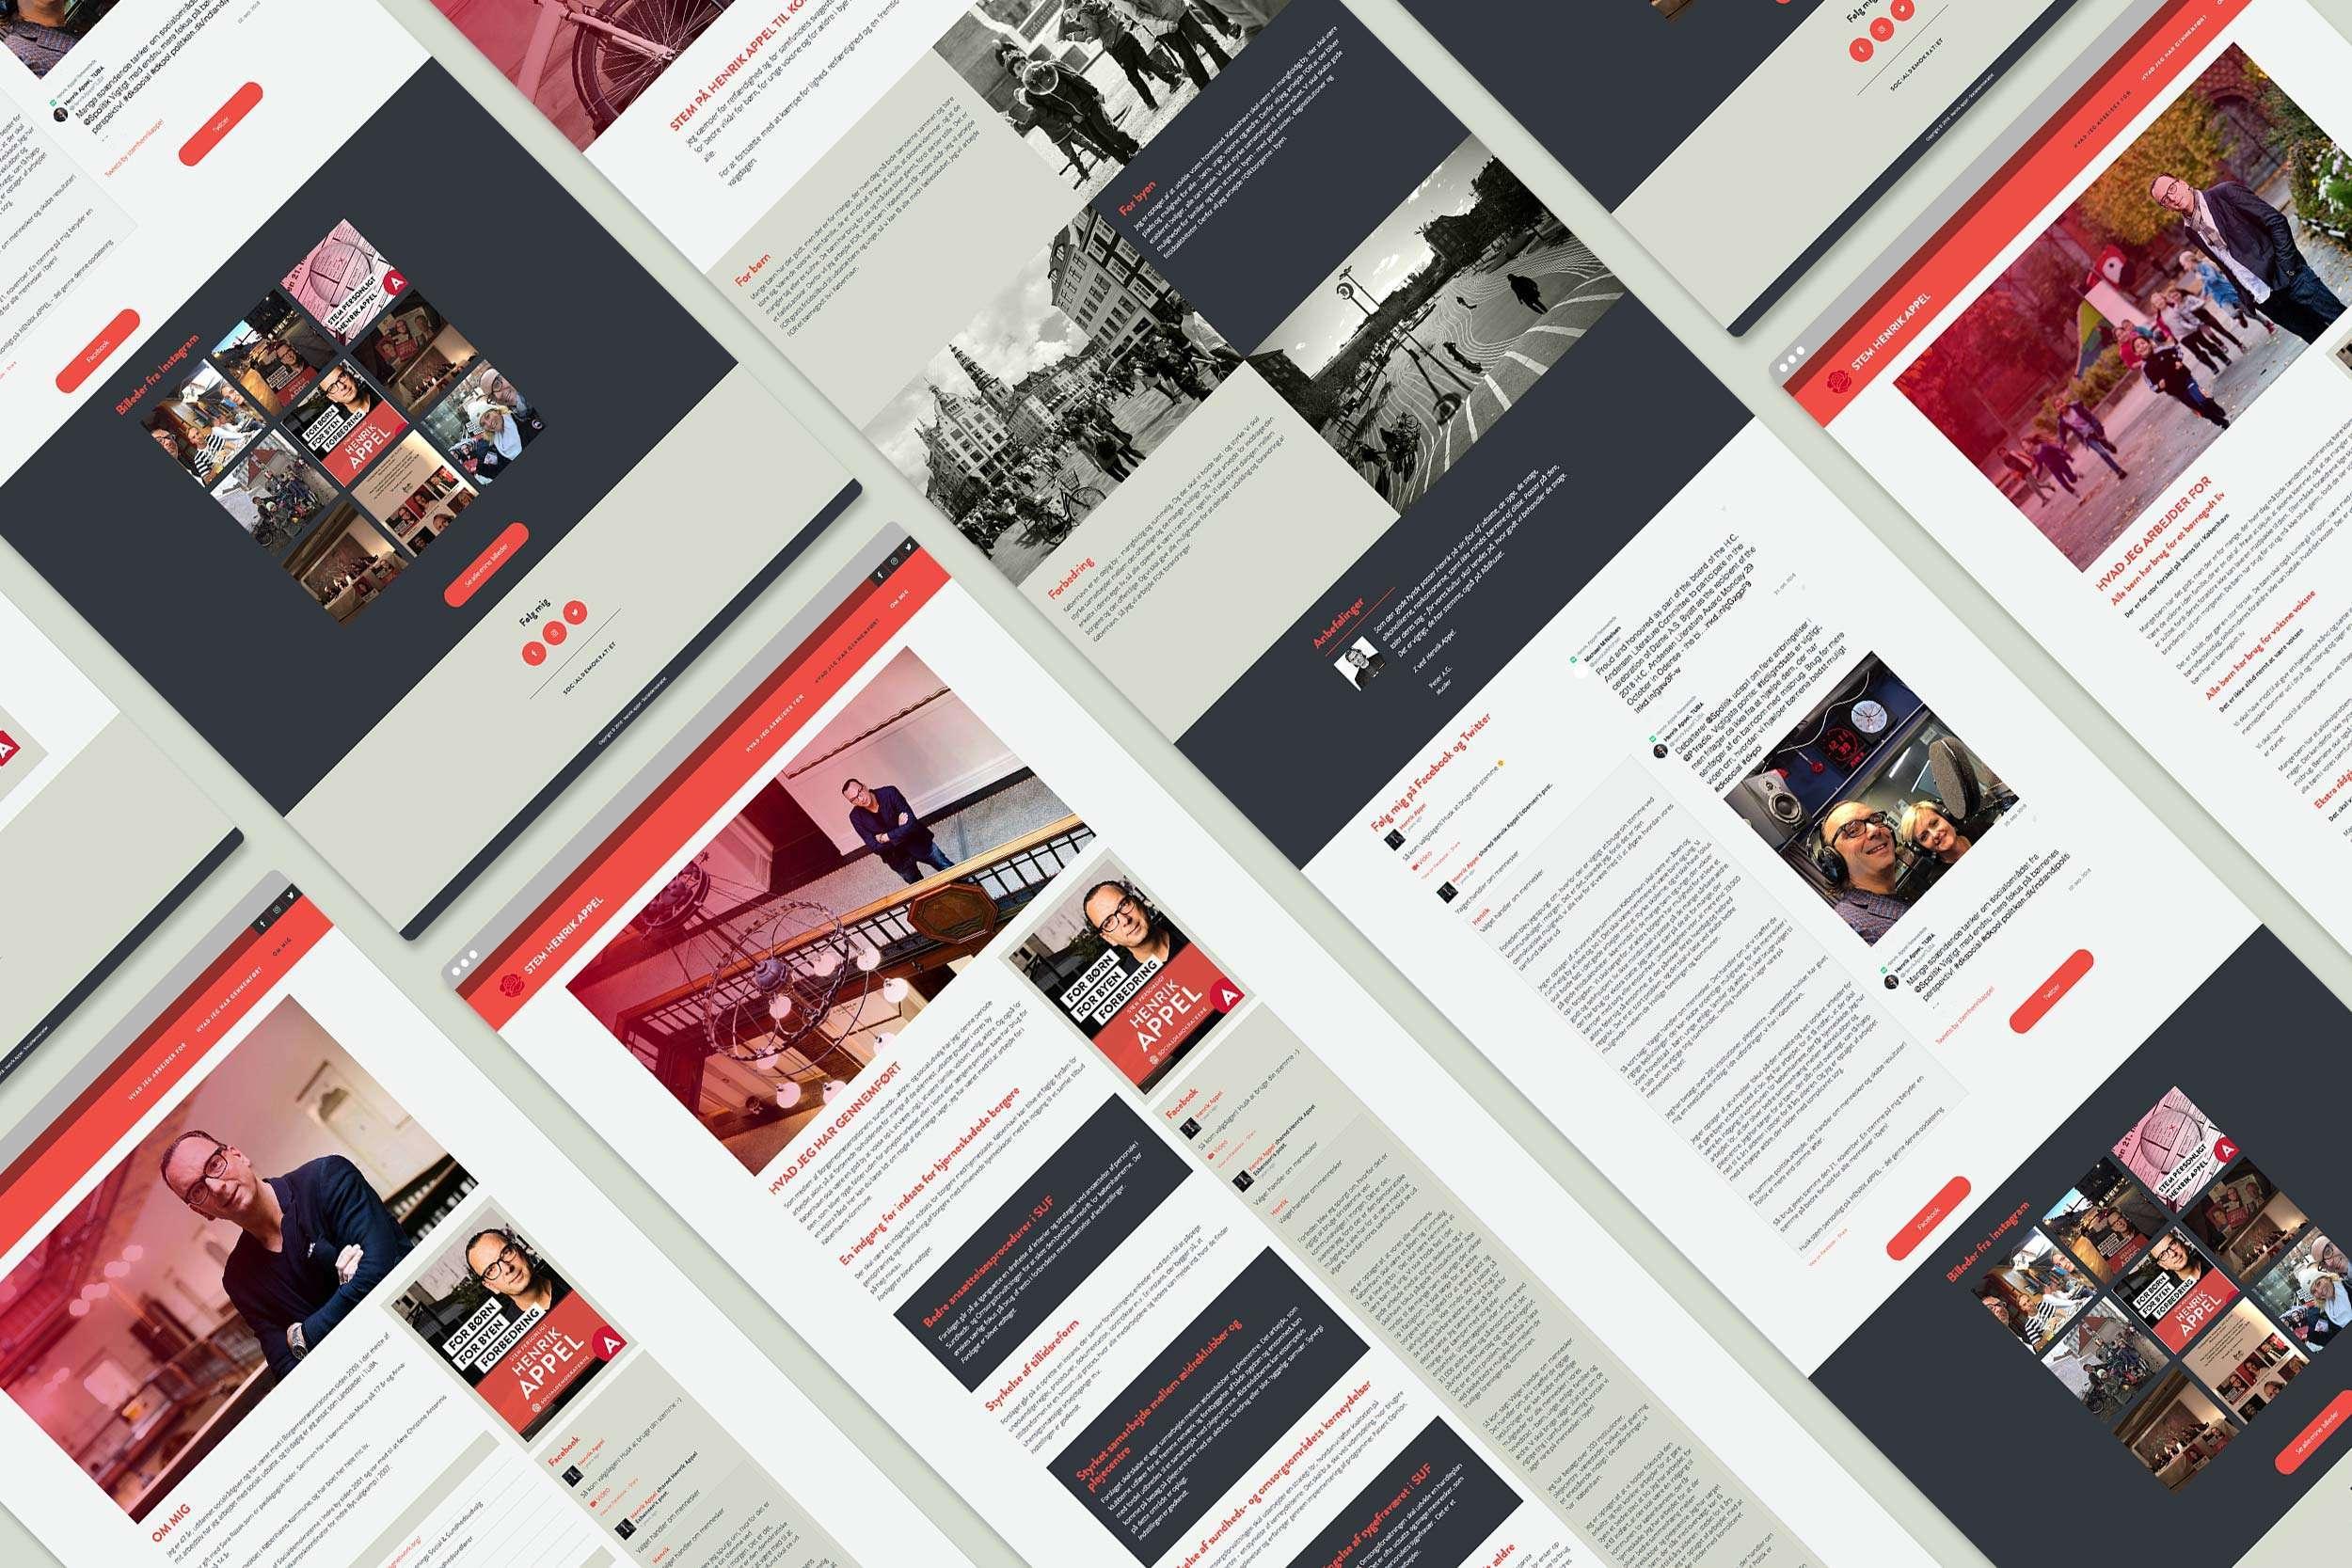 Stem Henrik Appel website interface